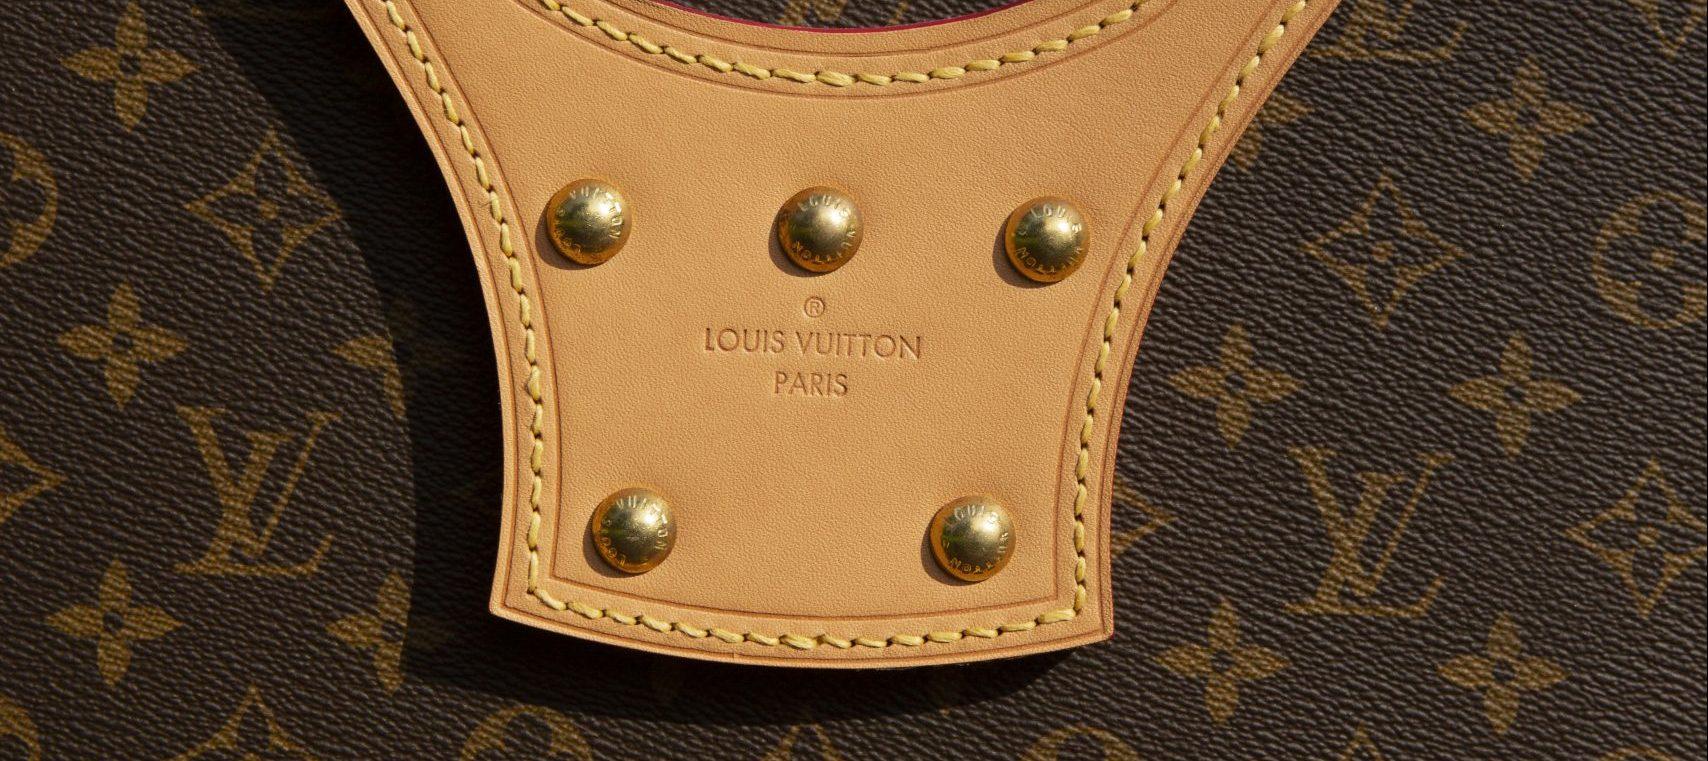 Louis Vuitton : Invitation au voyage